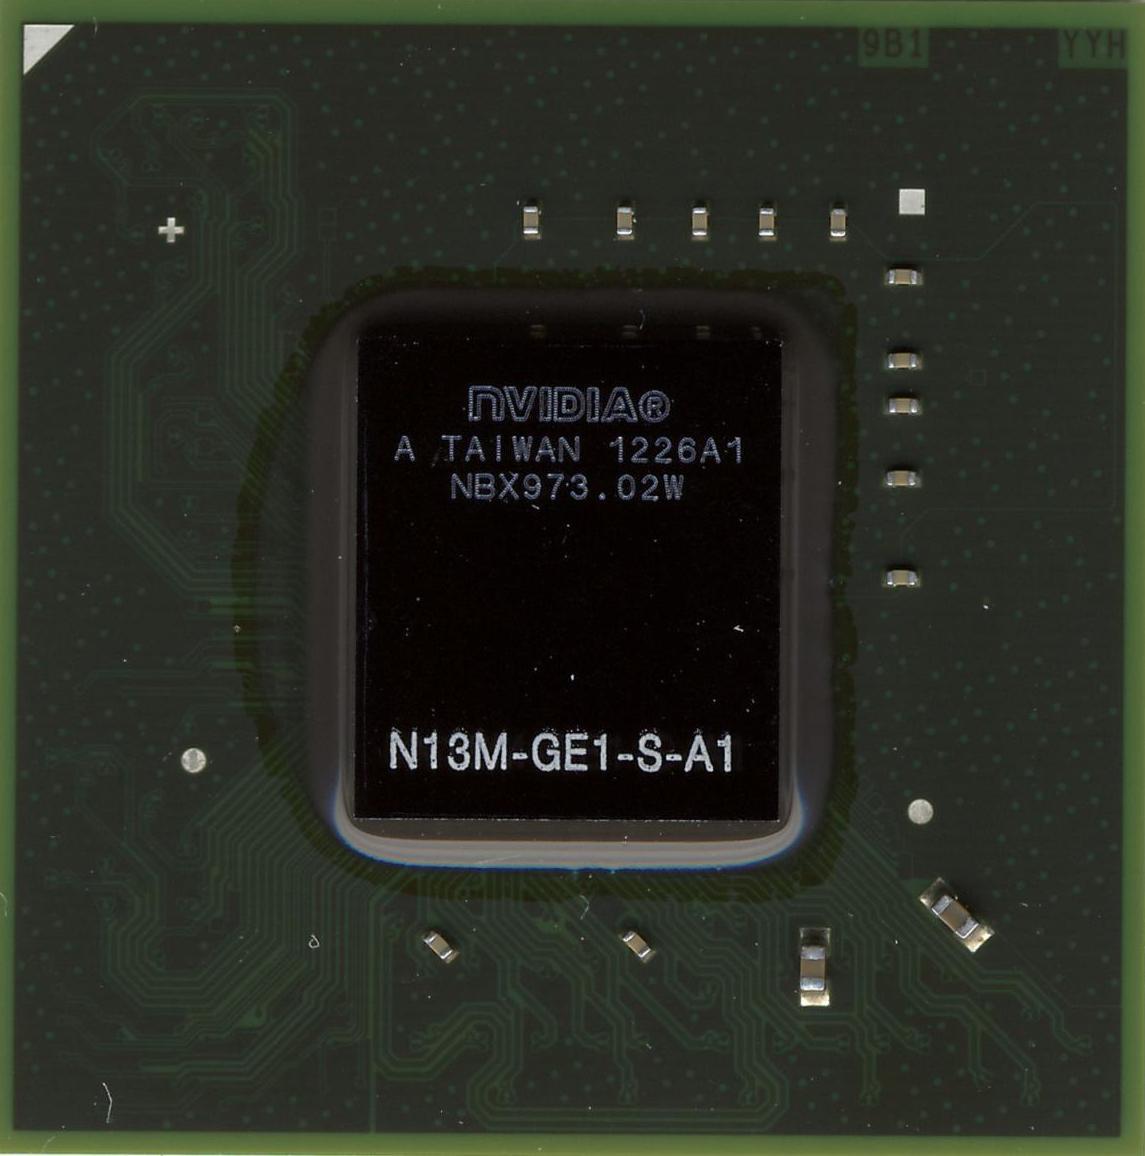 N13M-GE1-S-A1